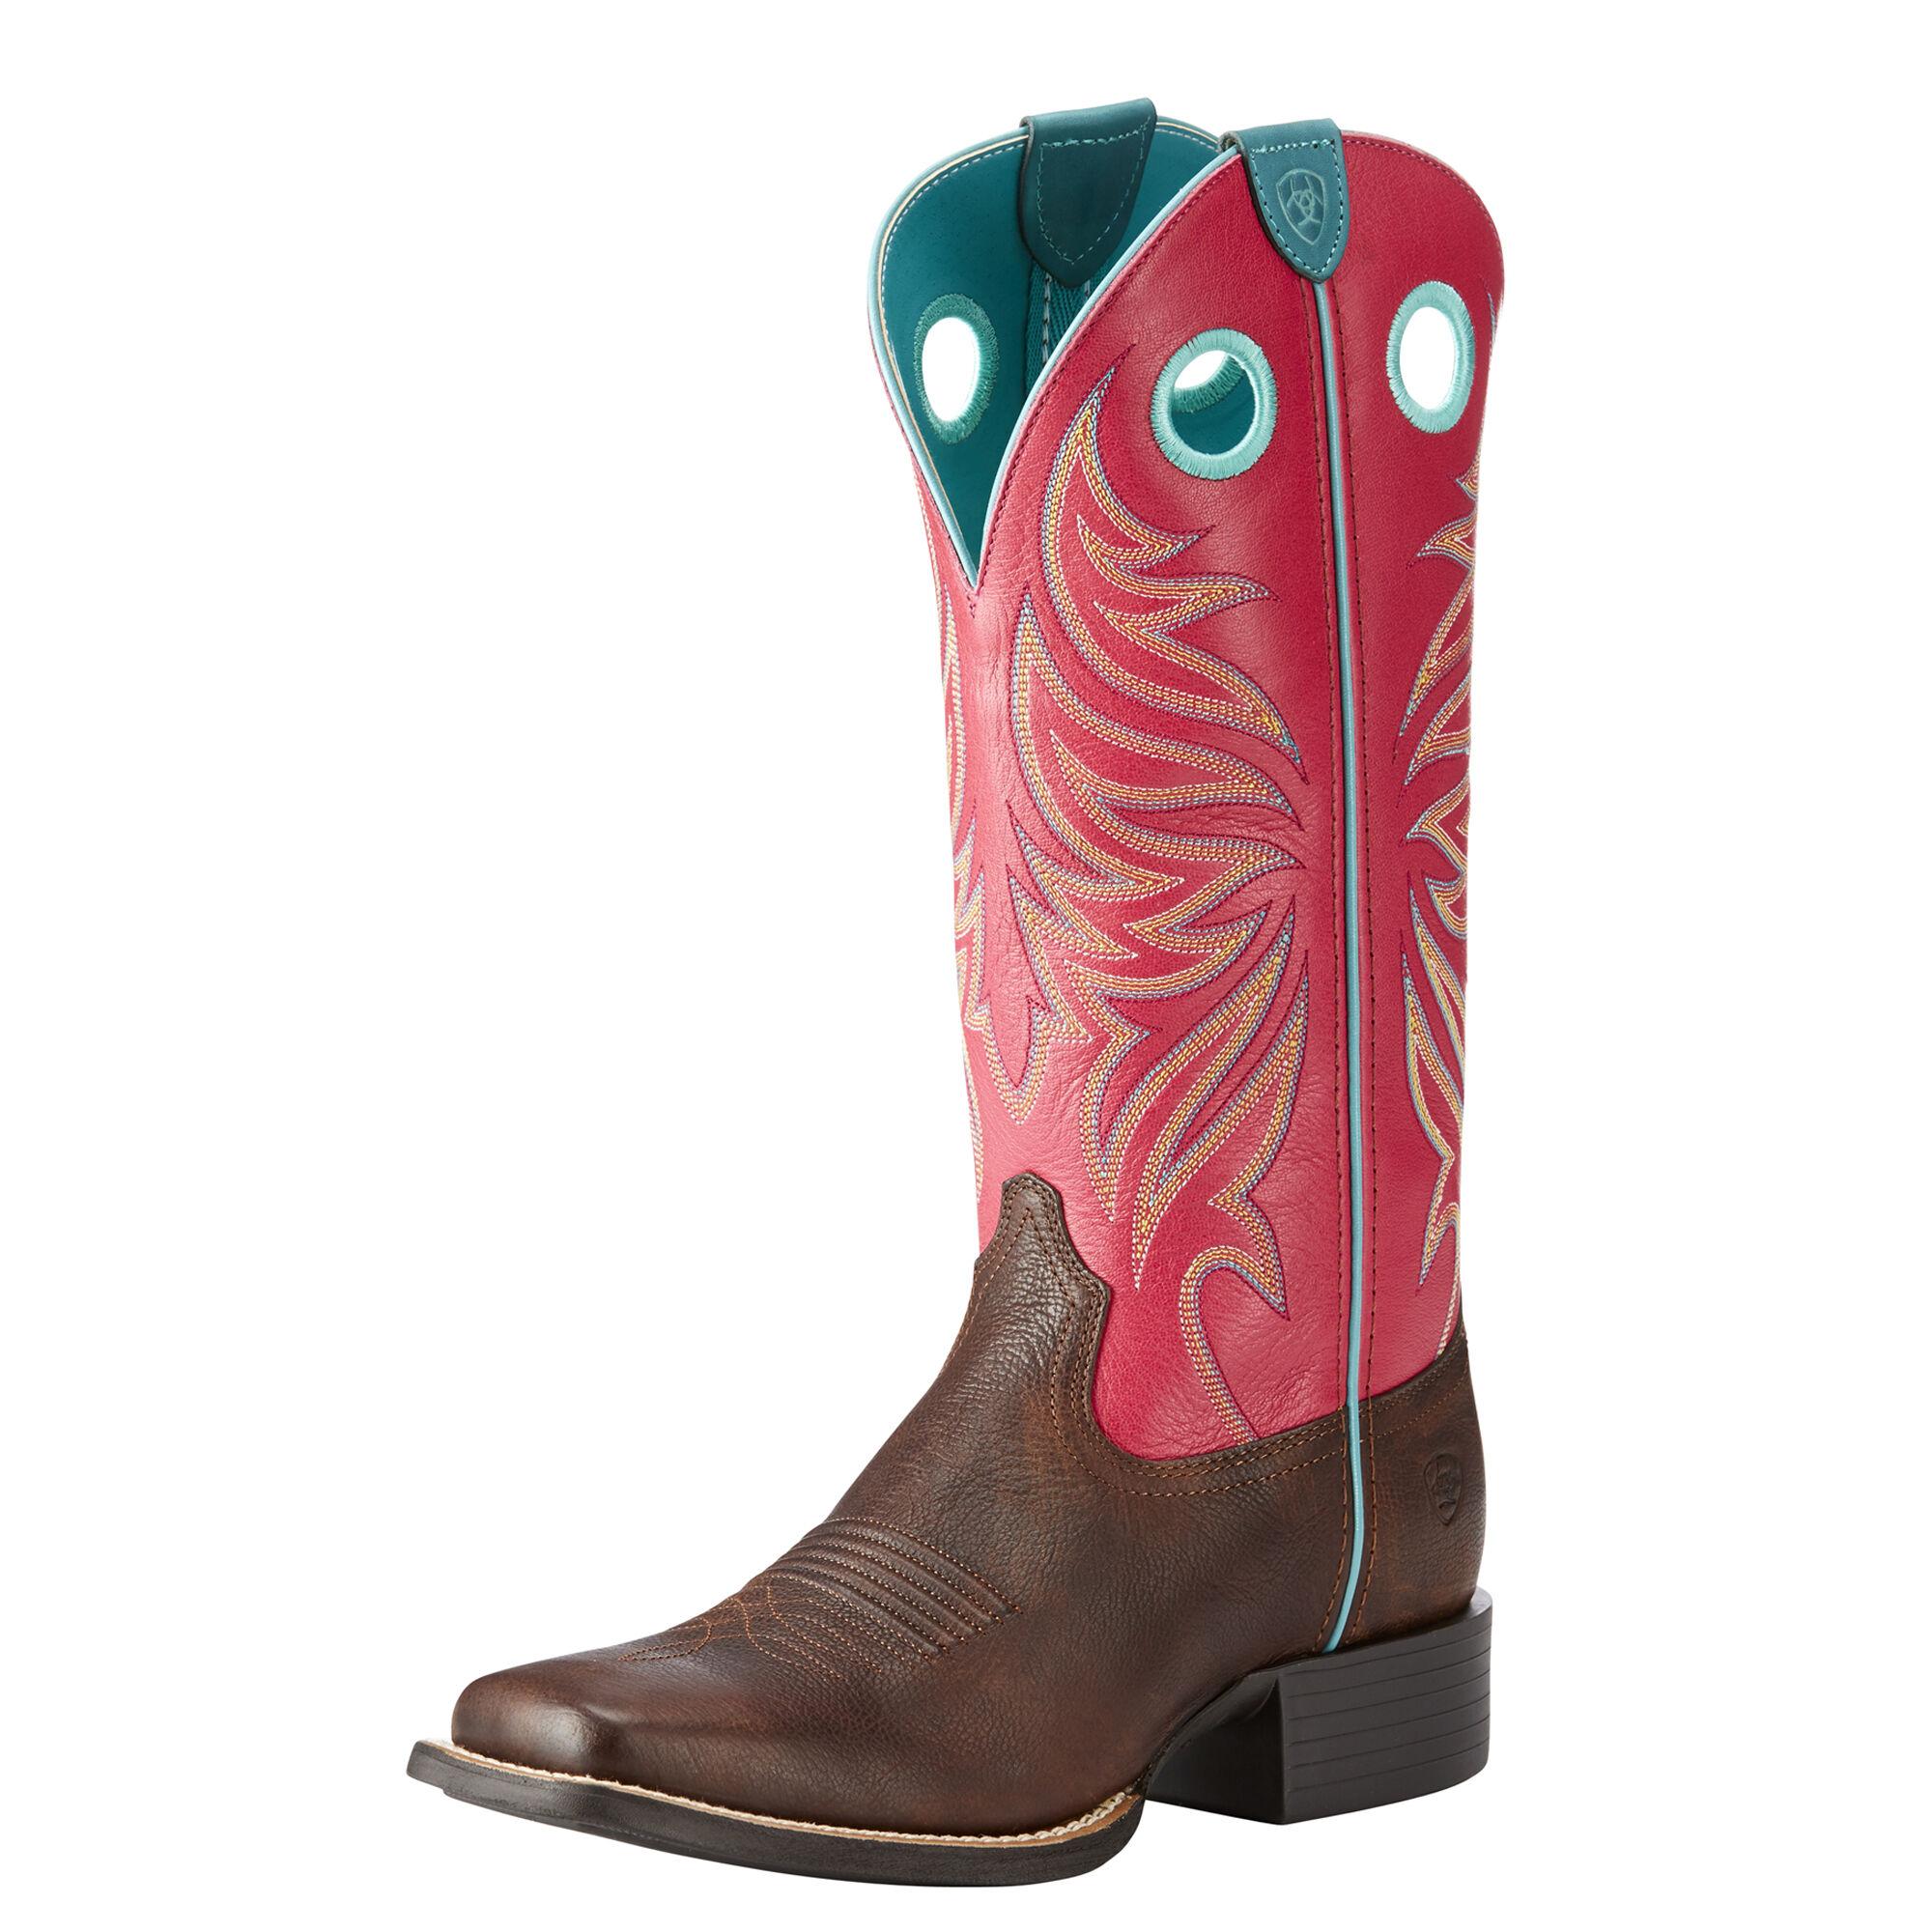 Chaussures FemmeAriat Western Western Chaussures Chaussures Western FemmeAriat CoWxQderB